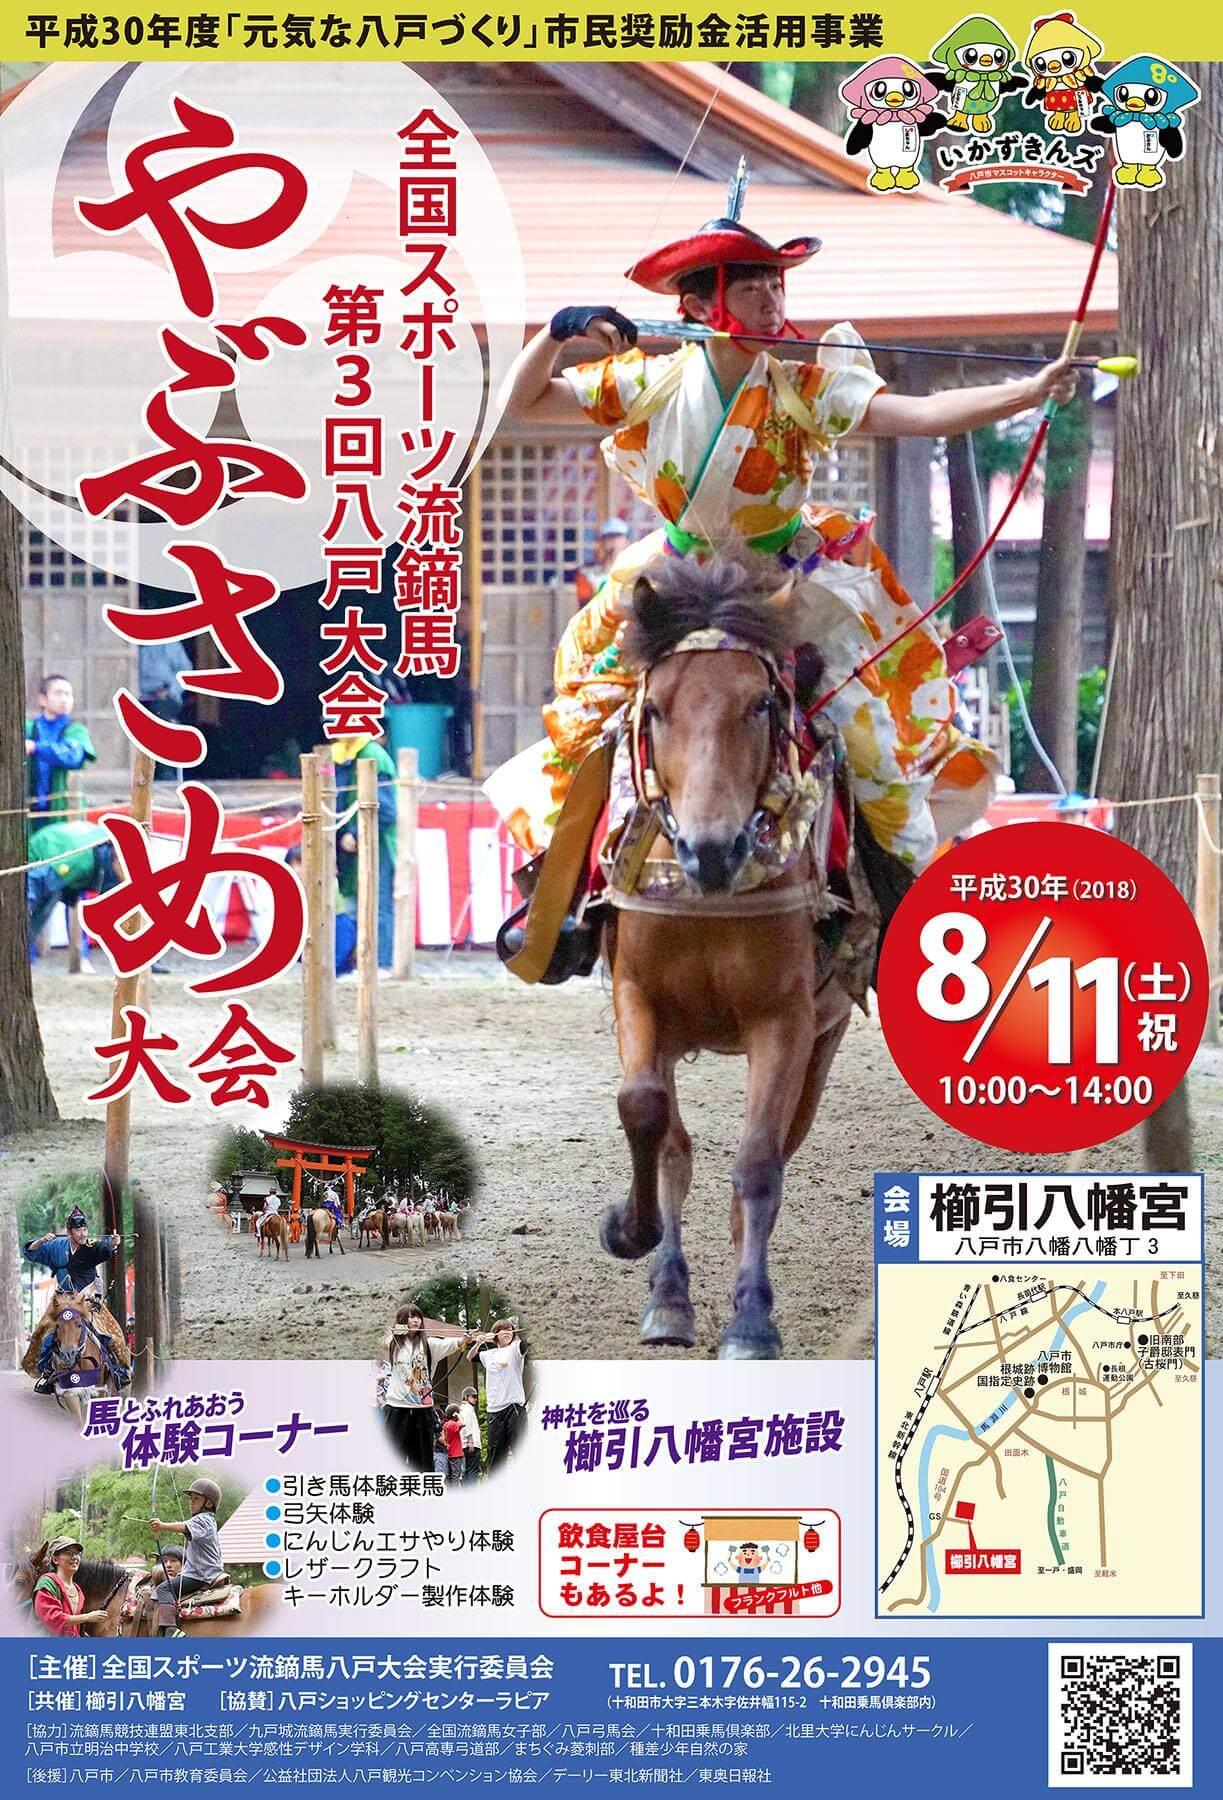 スポーツ流鏑馬が八戸で開催されます!